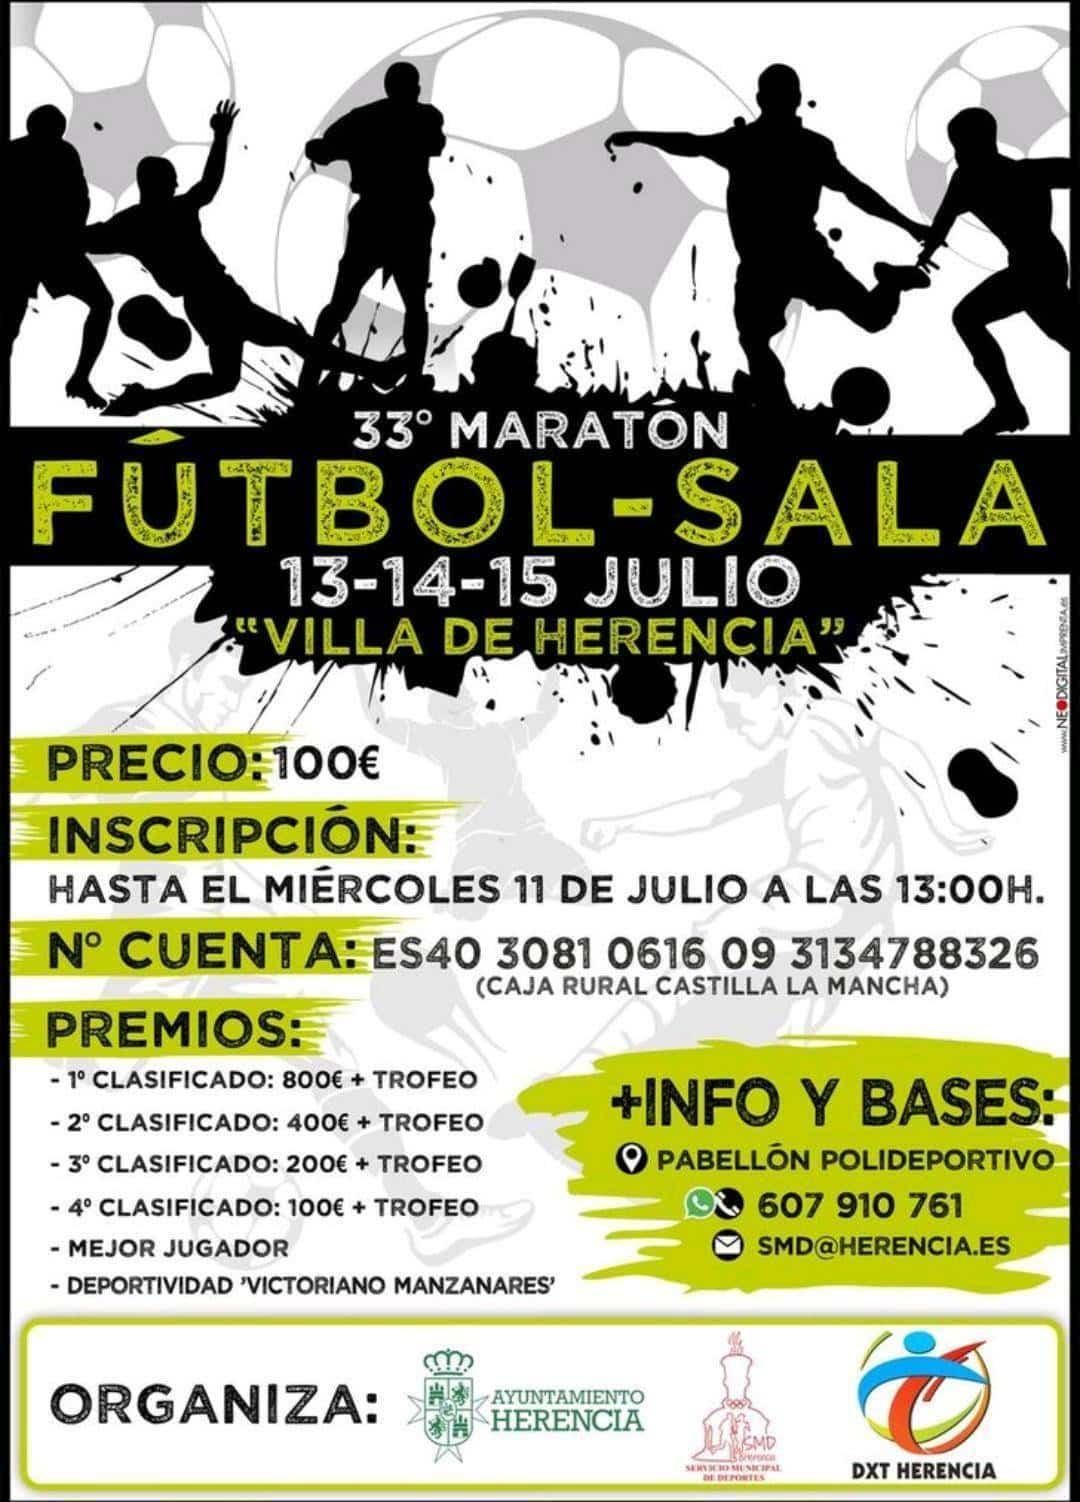 """33 maraton futbol sala herencia - Comienza el 33 Maratón de Fútbol Sala """"Villa de Herencia"""""""